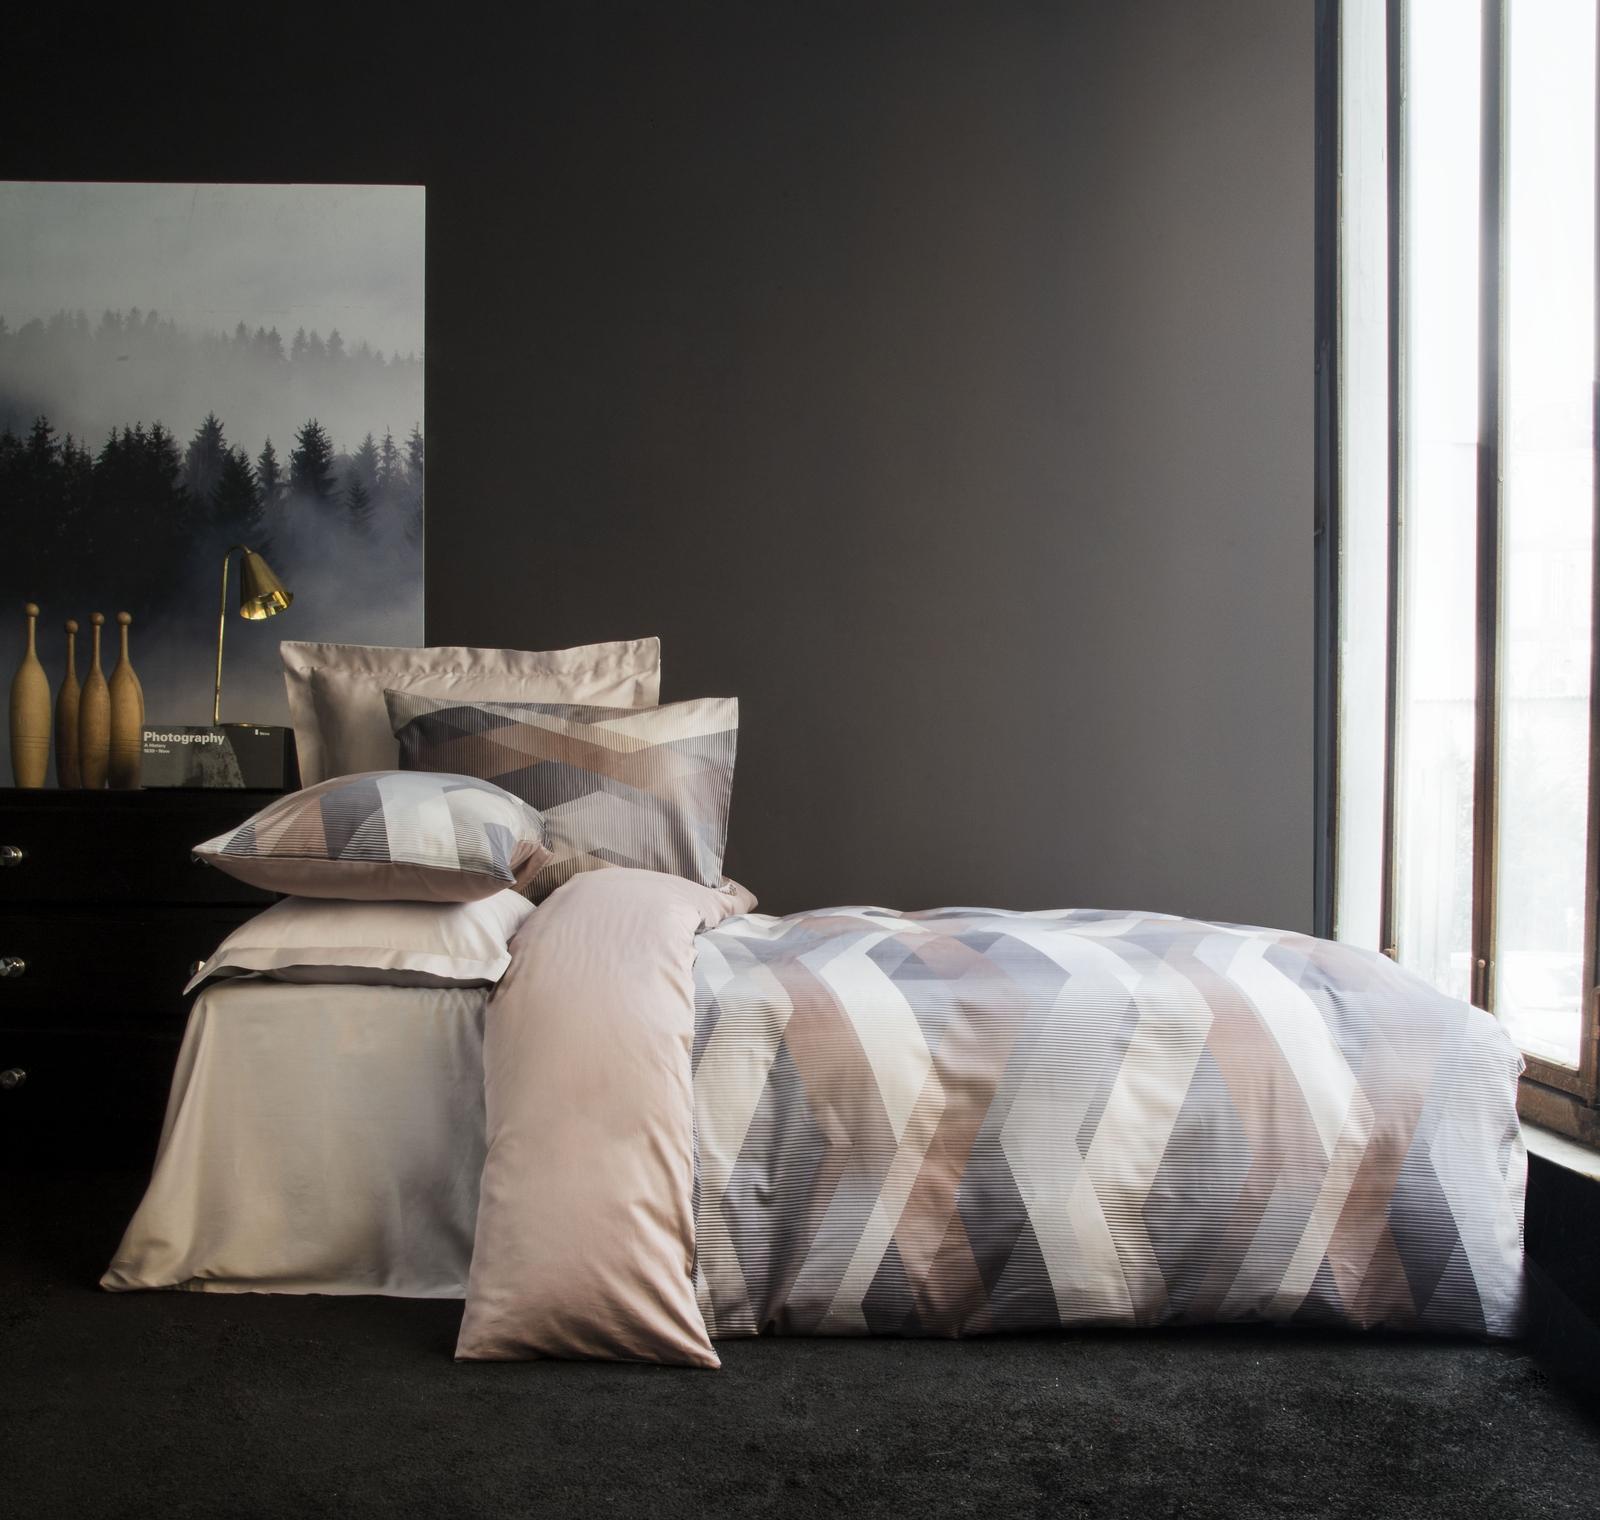 Комплект белья Issimo Home Helix, 1,5-спальный, наволочки 50x70, цвет: коричневый